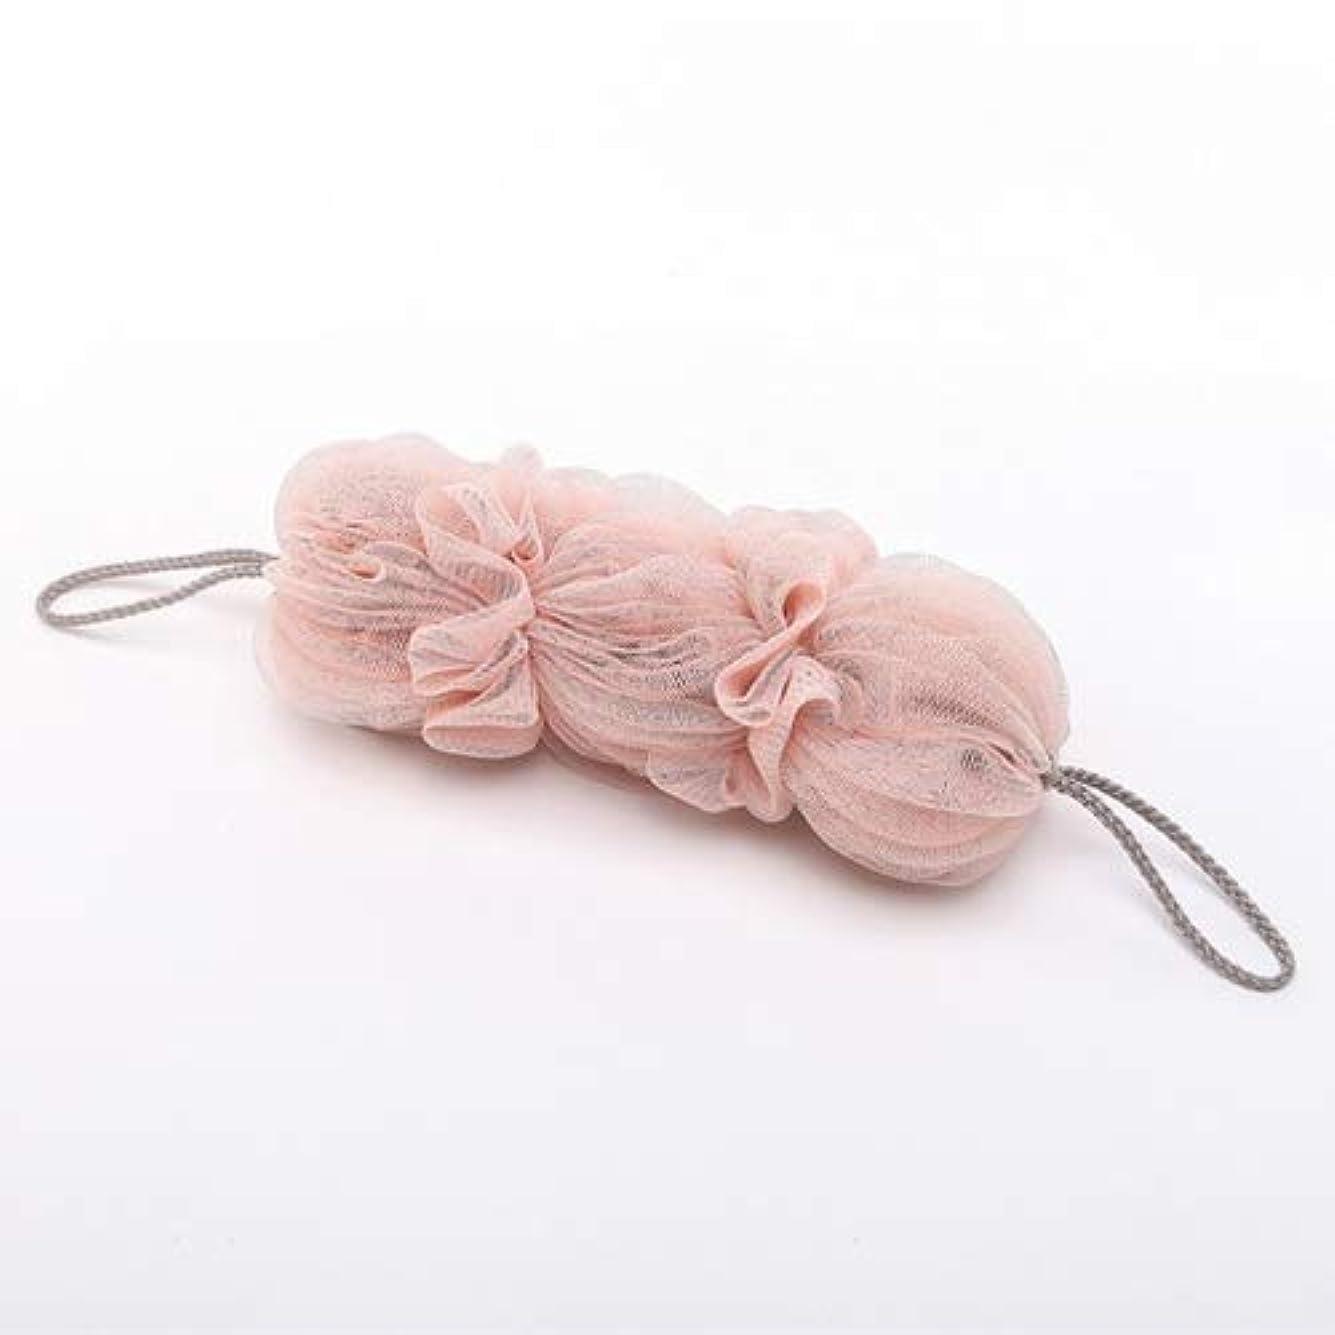 パッチバルブによってバスルーム用品 両面バスボール風呂浴槽バスタオルスクラバーボディ剥離シャワーボール (色 : Light pink)